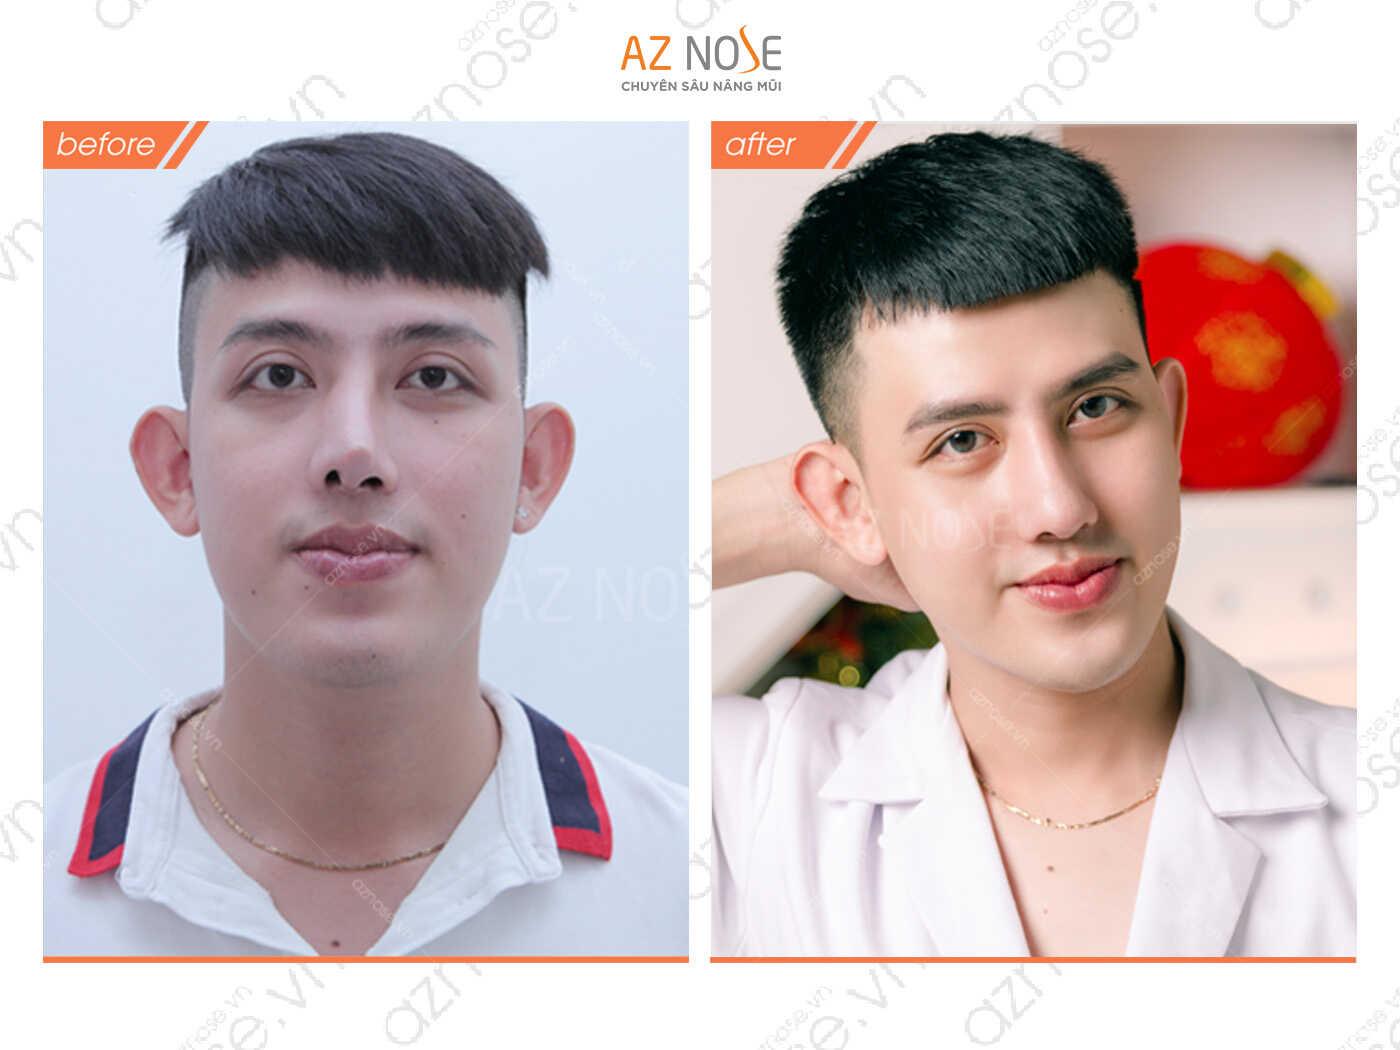 Phước Tường trước và sau khi phẫu thuật sửa mũi hỏng